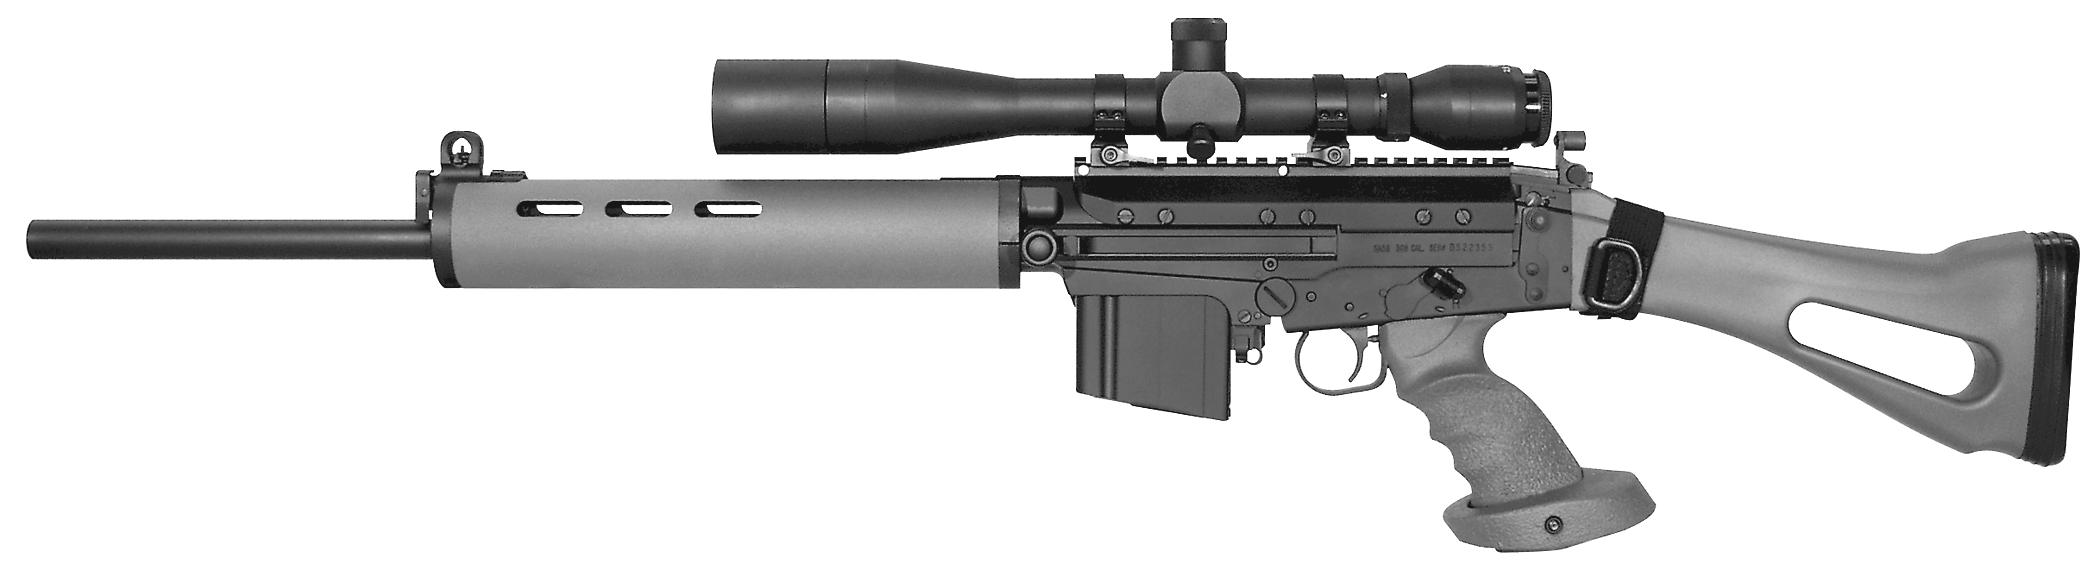 DS Arms SA58 Graywolf